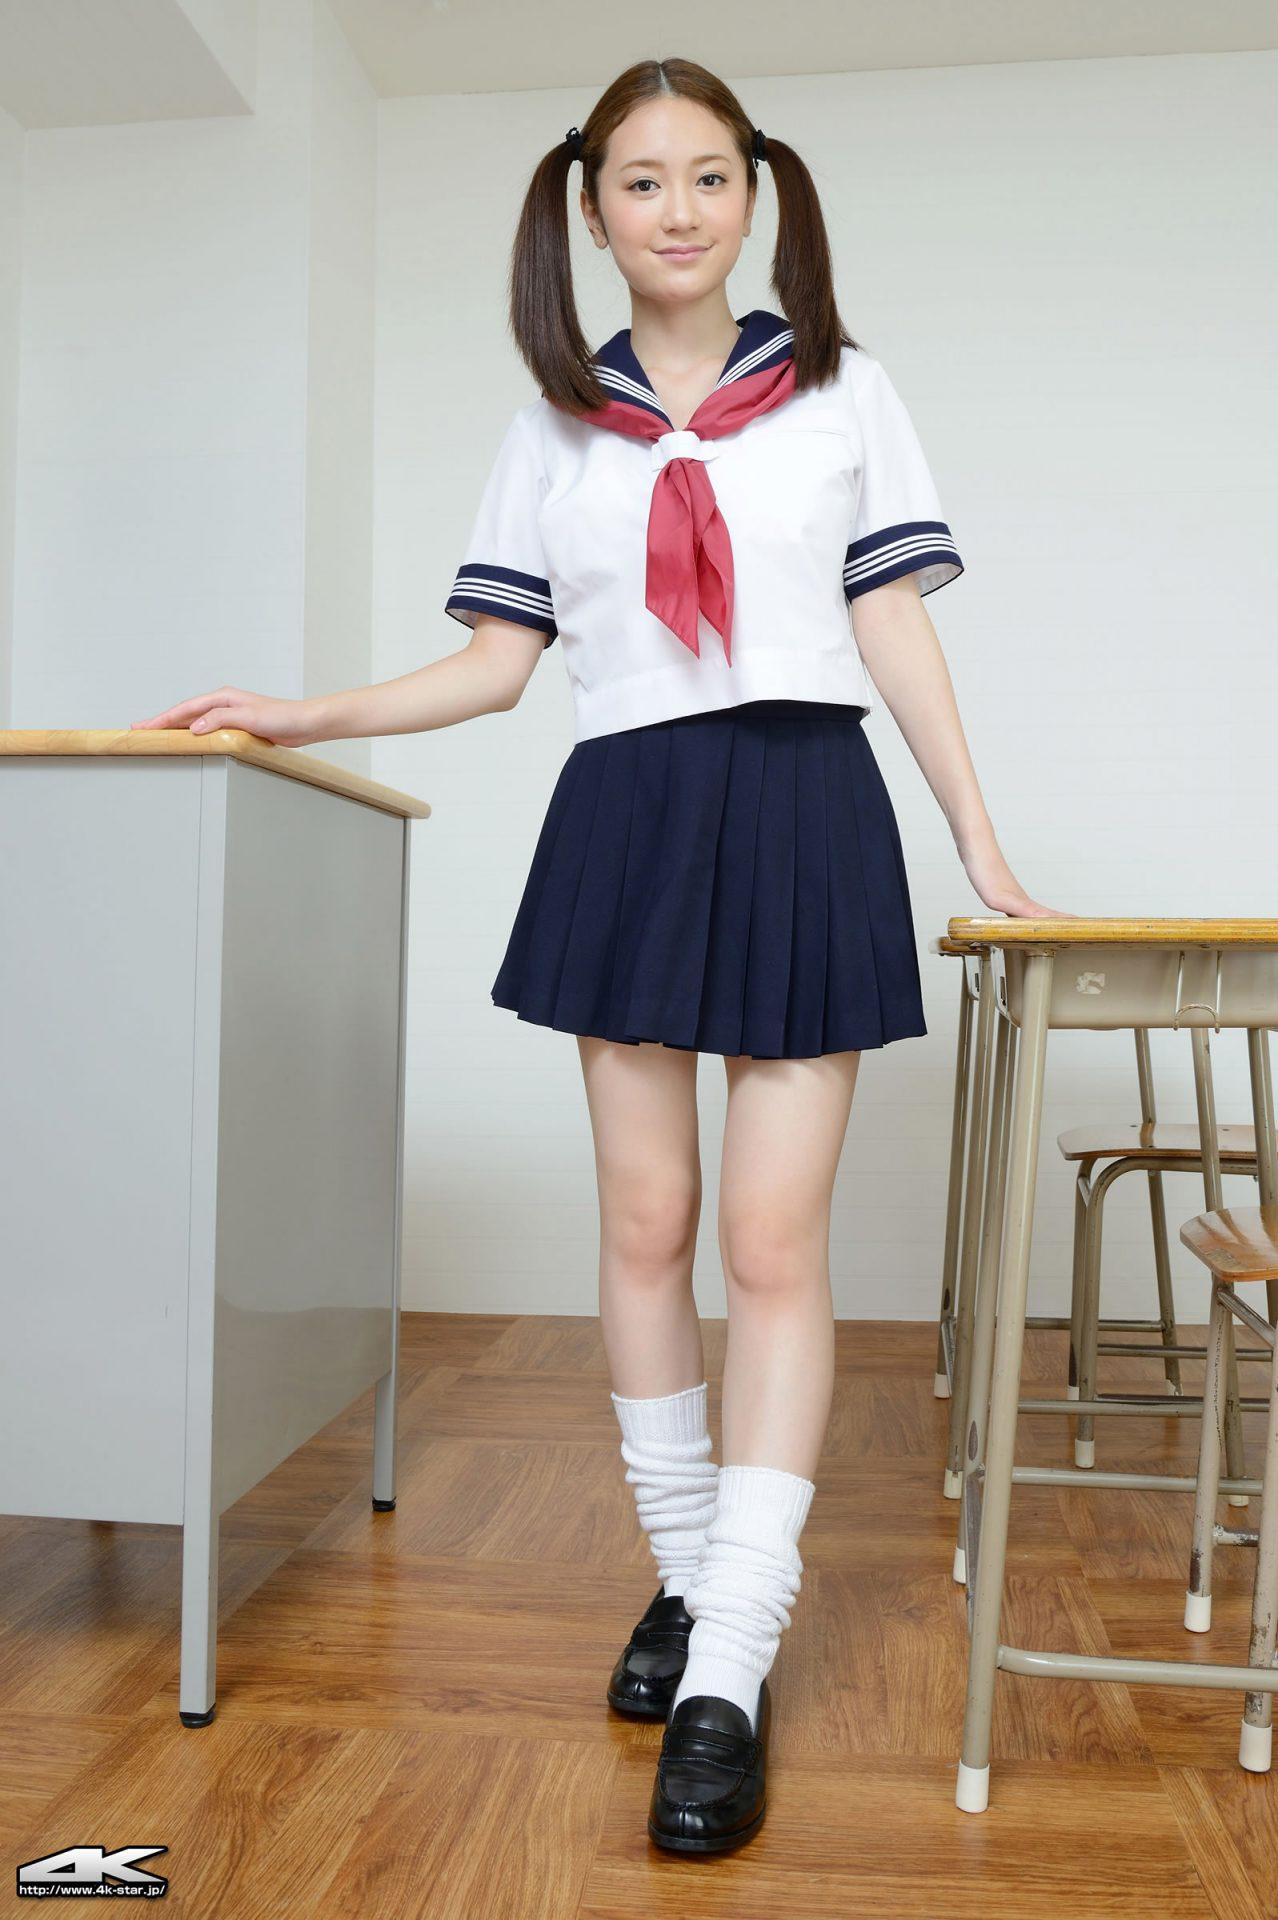 三次元 3次元 エロ画像 JK 女子校生 ルーズソックス べっぴん娘通信 14